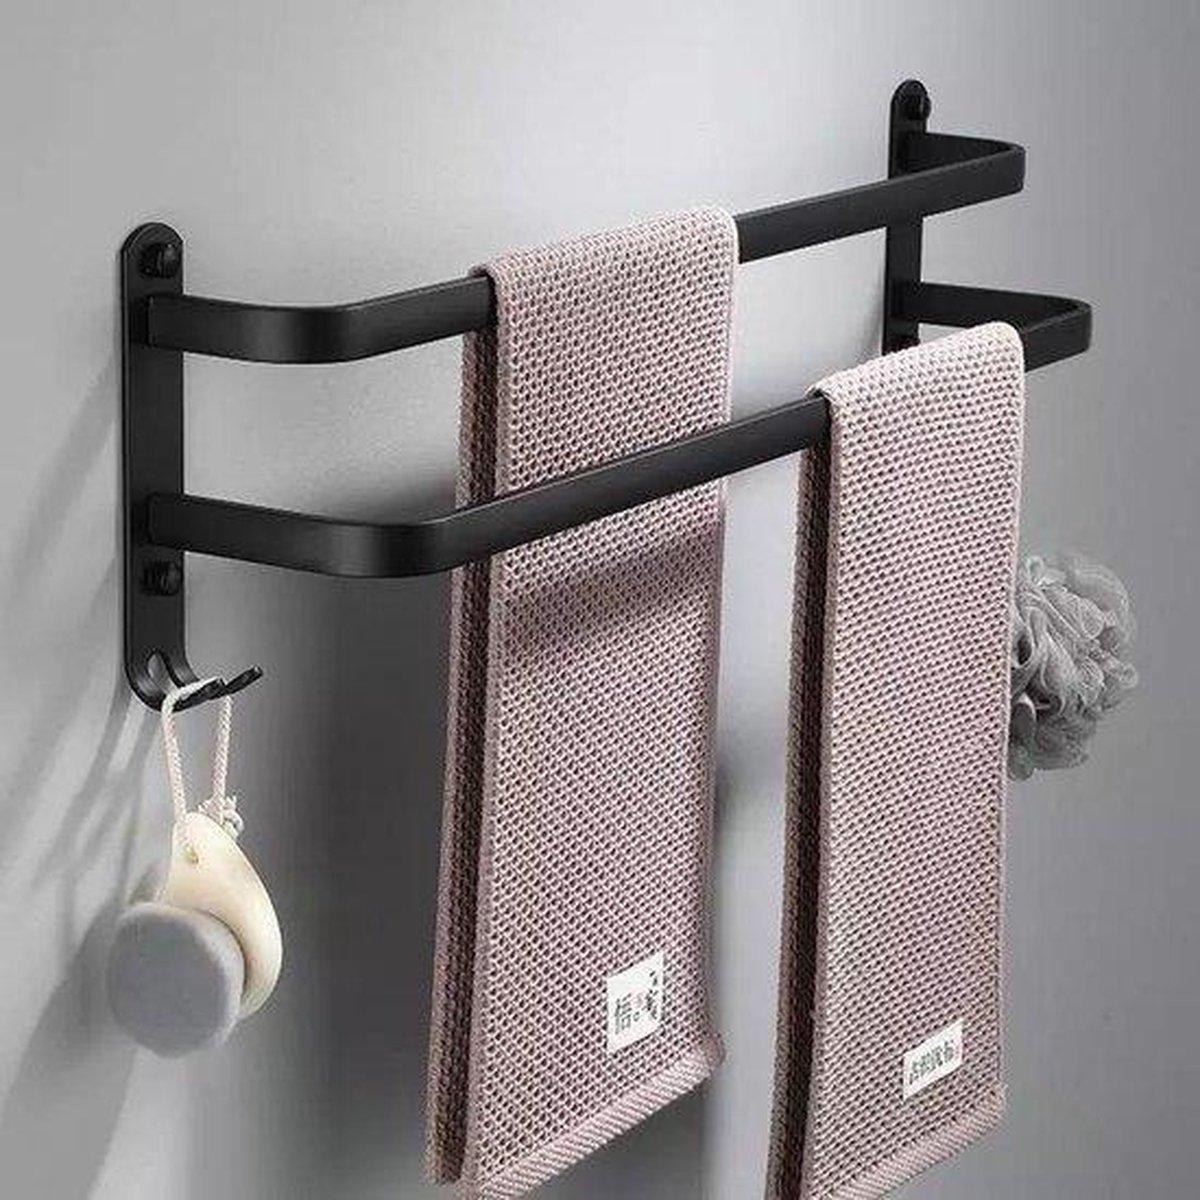 Zwarte handdoekrek Twin 40 cm - Handdoekhouder- Badkamer rek- Handdoekrek - Zwarte handdoekenhouder